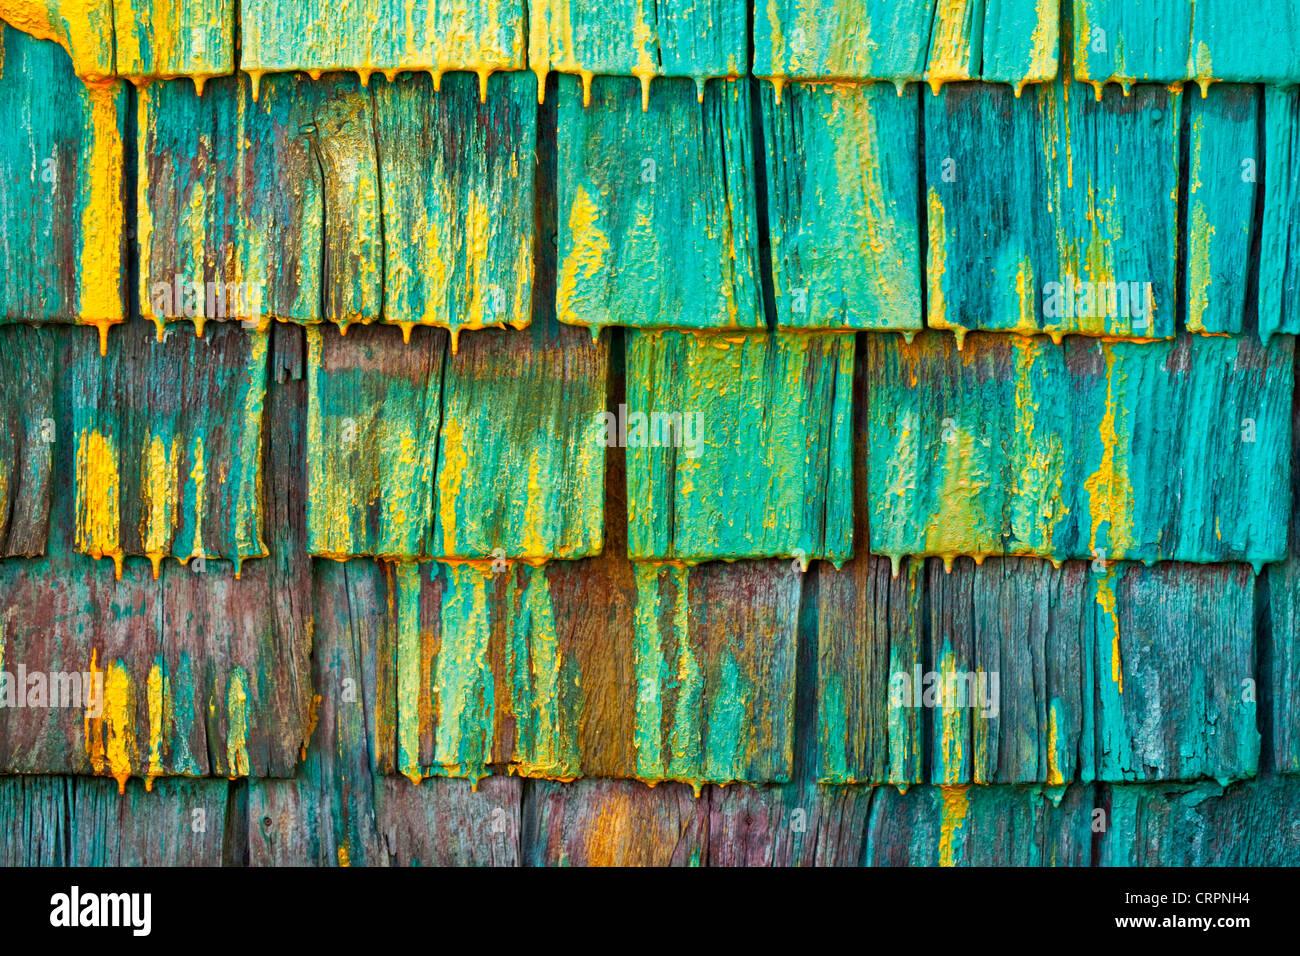 Mur de bardeaux d'un fisherman's shed en Nouvelle-Écosse, Canada. Photo Stock